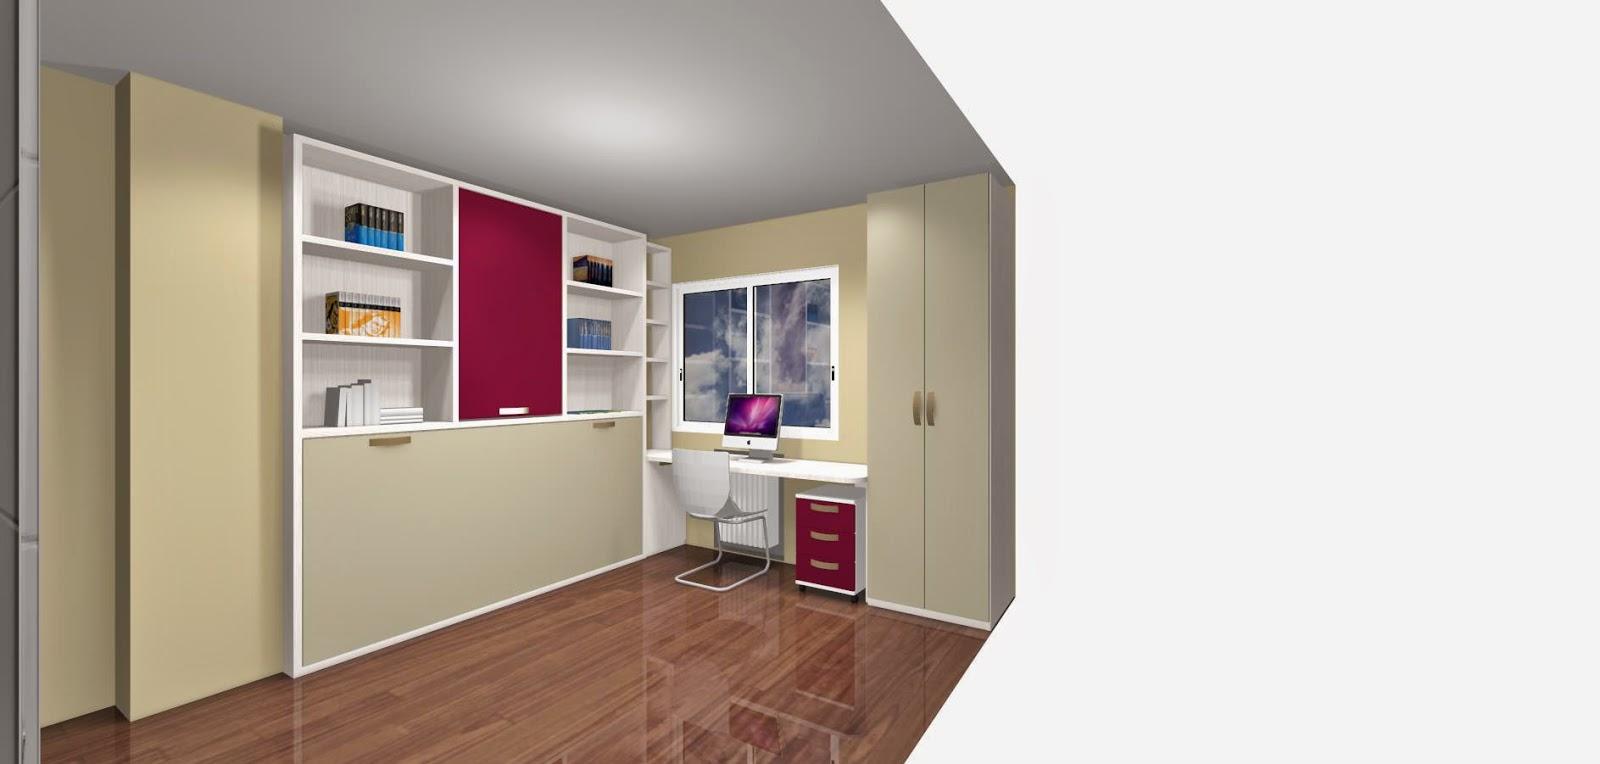 Como ahorrar espacio con camas abatibles para habitaciones for Mueble salon 2 metros